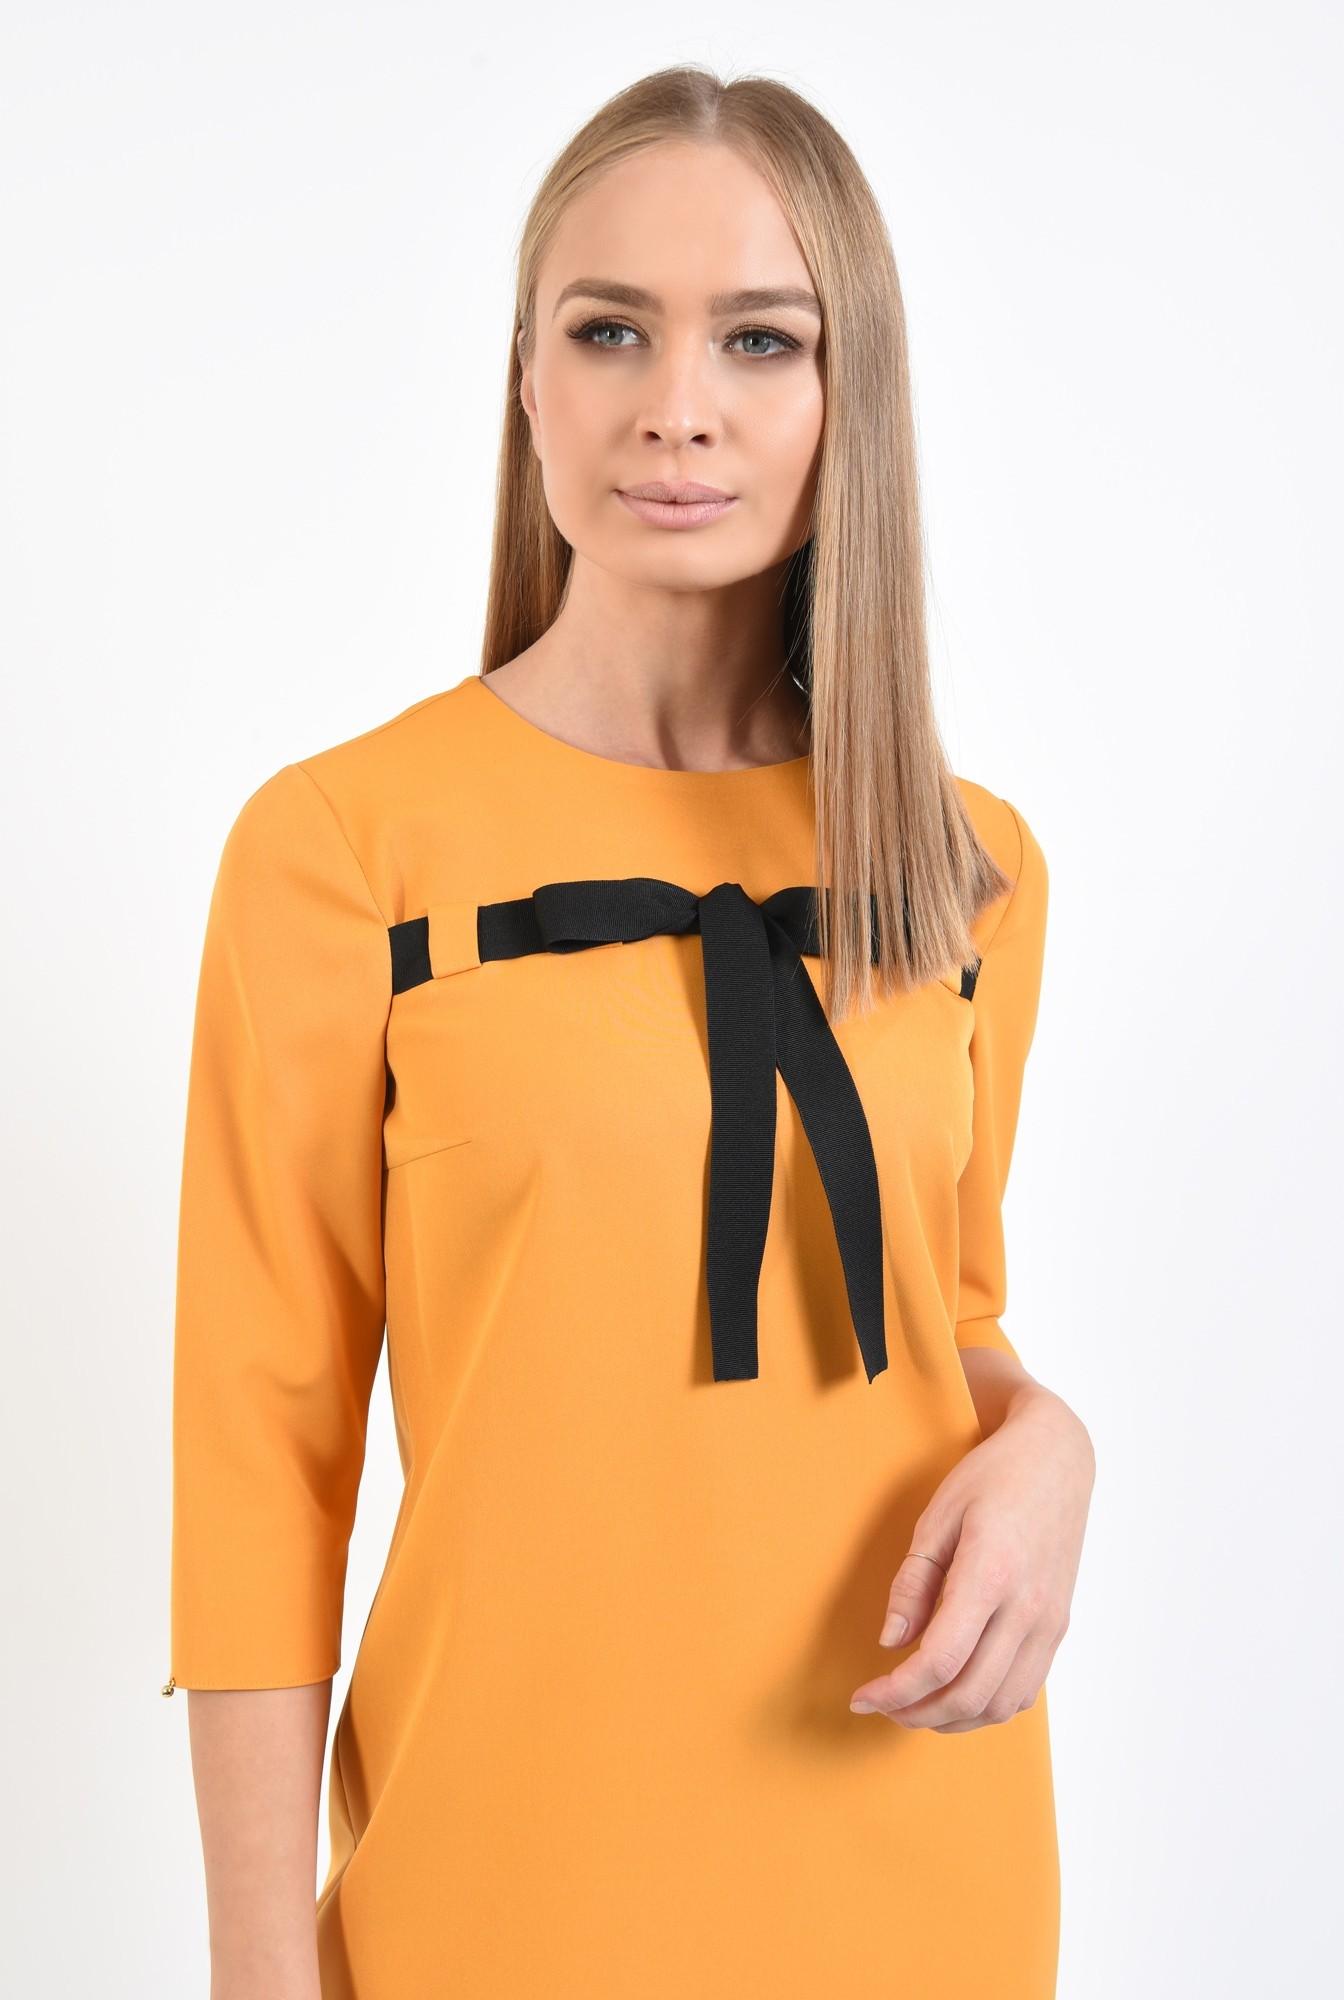 2 - 360 - rochie casual, galben mustar, croi drept lejer, maneci tubulare, rips negru, rochii online